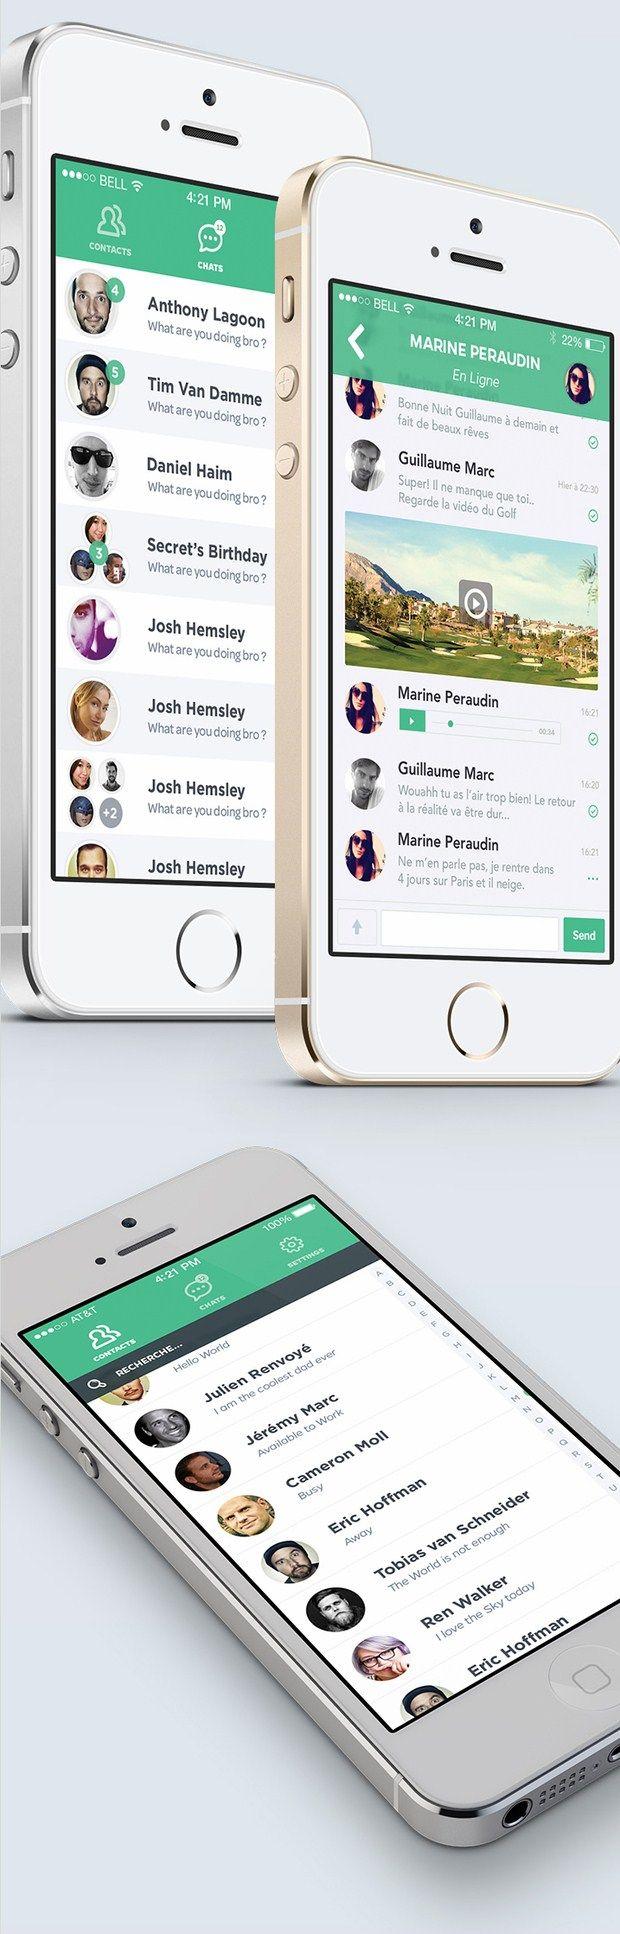 28-Whatsapp-iOS 7-Redesign